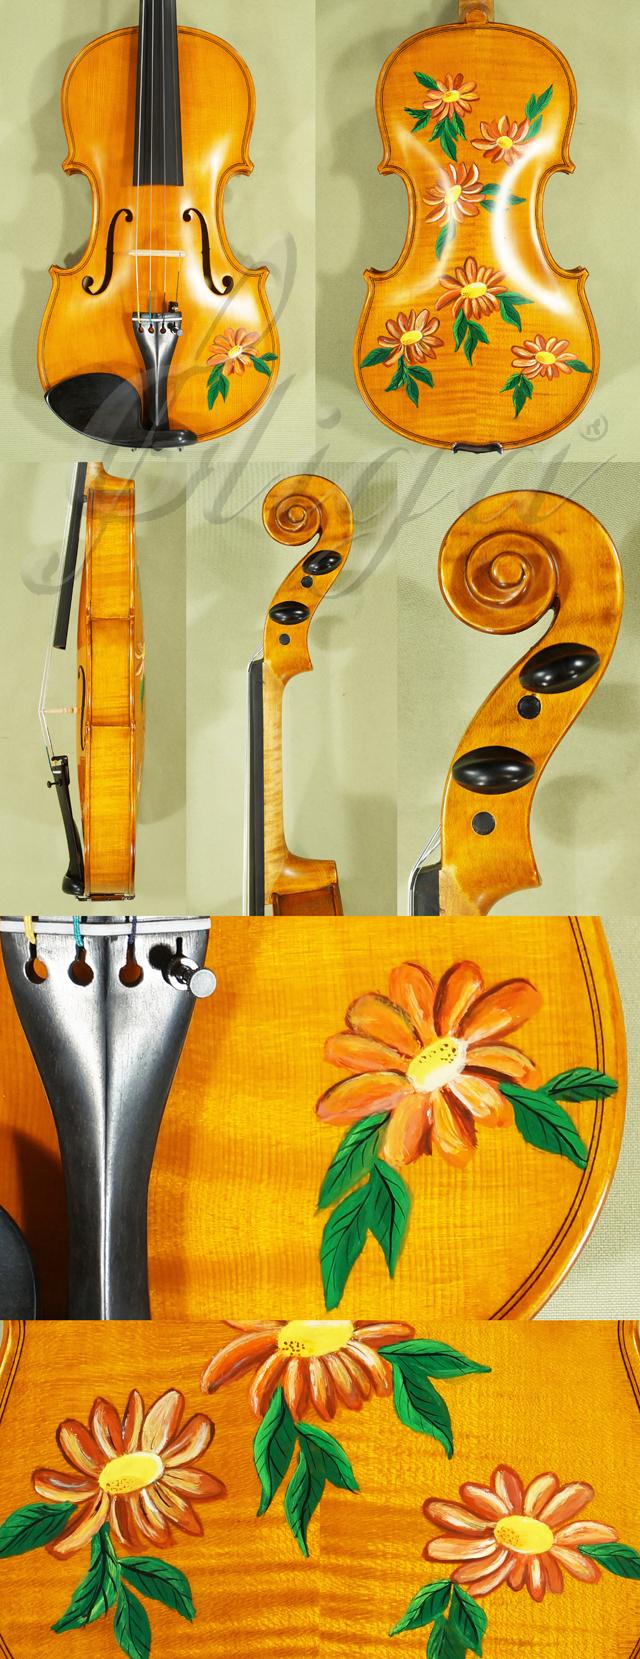 4/4 WORKSHOP 'GEMS 1' Flowers Violin